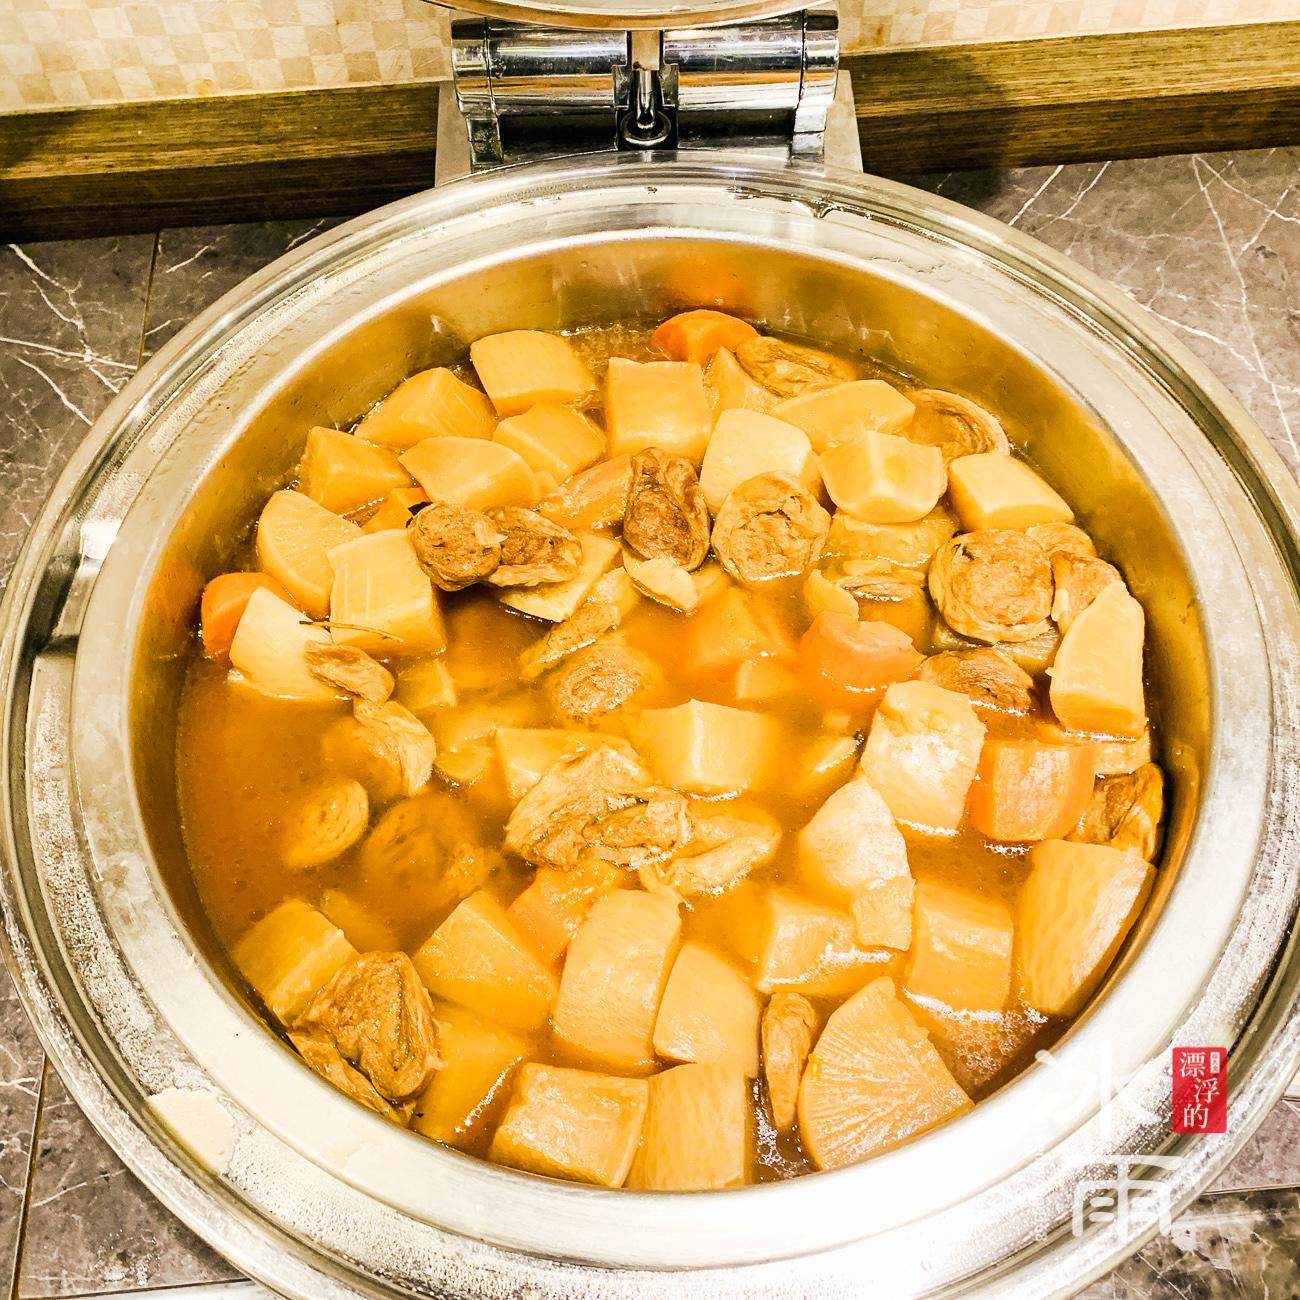 川湯春天溫泉飯店德陽館|早餐|滷菜